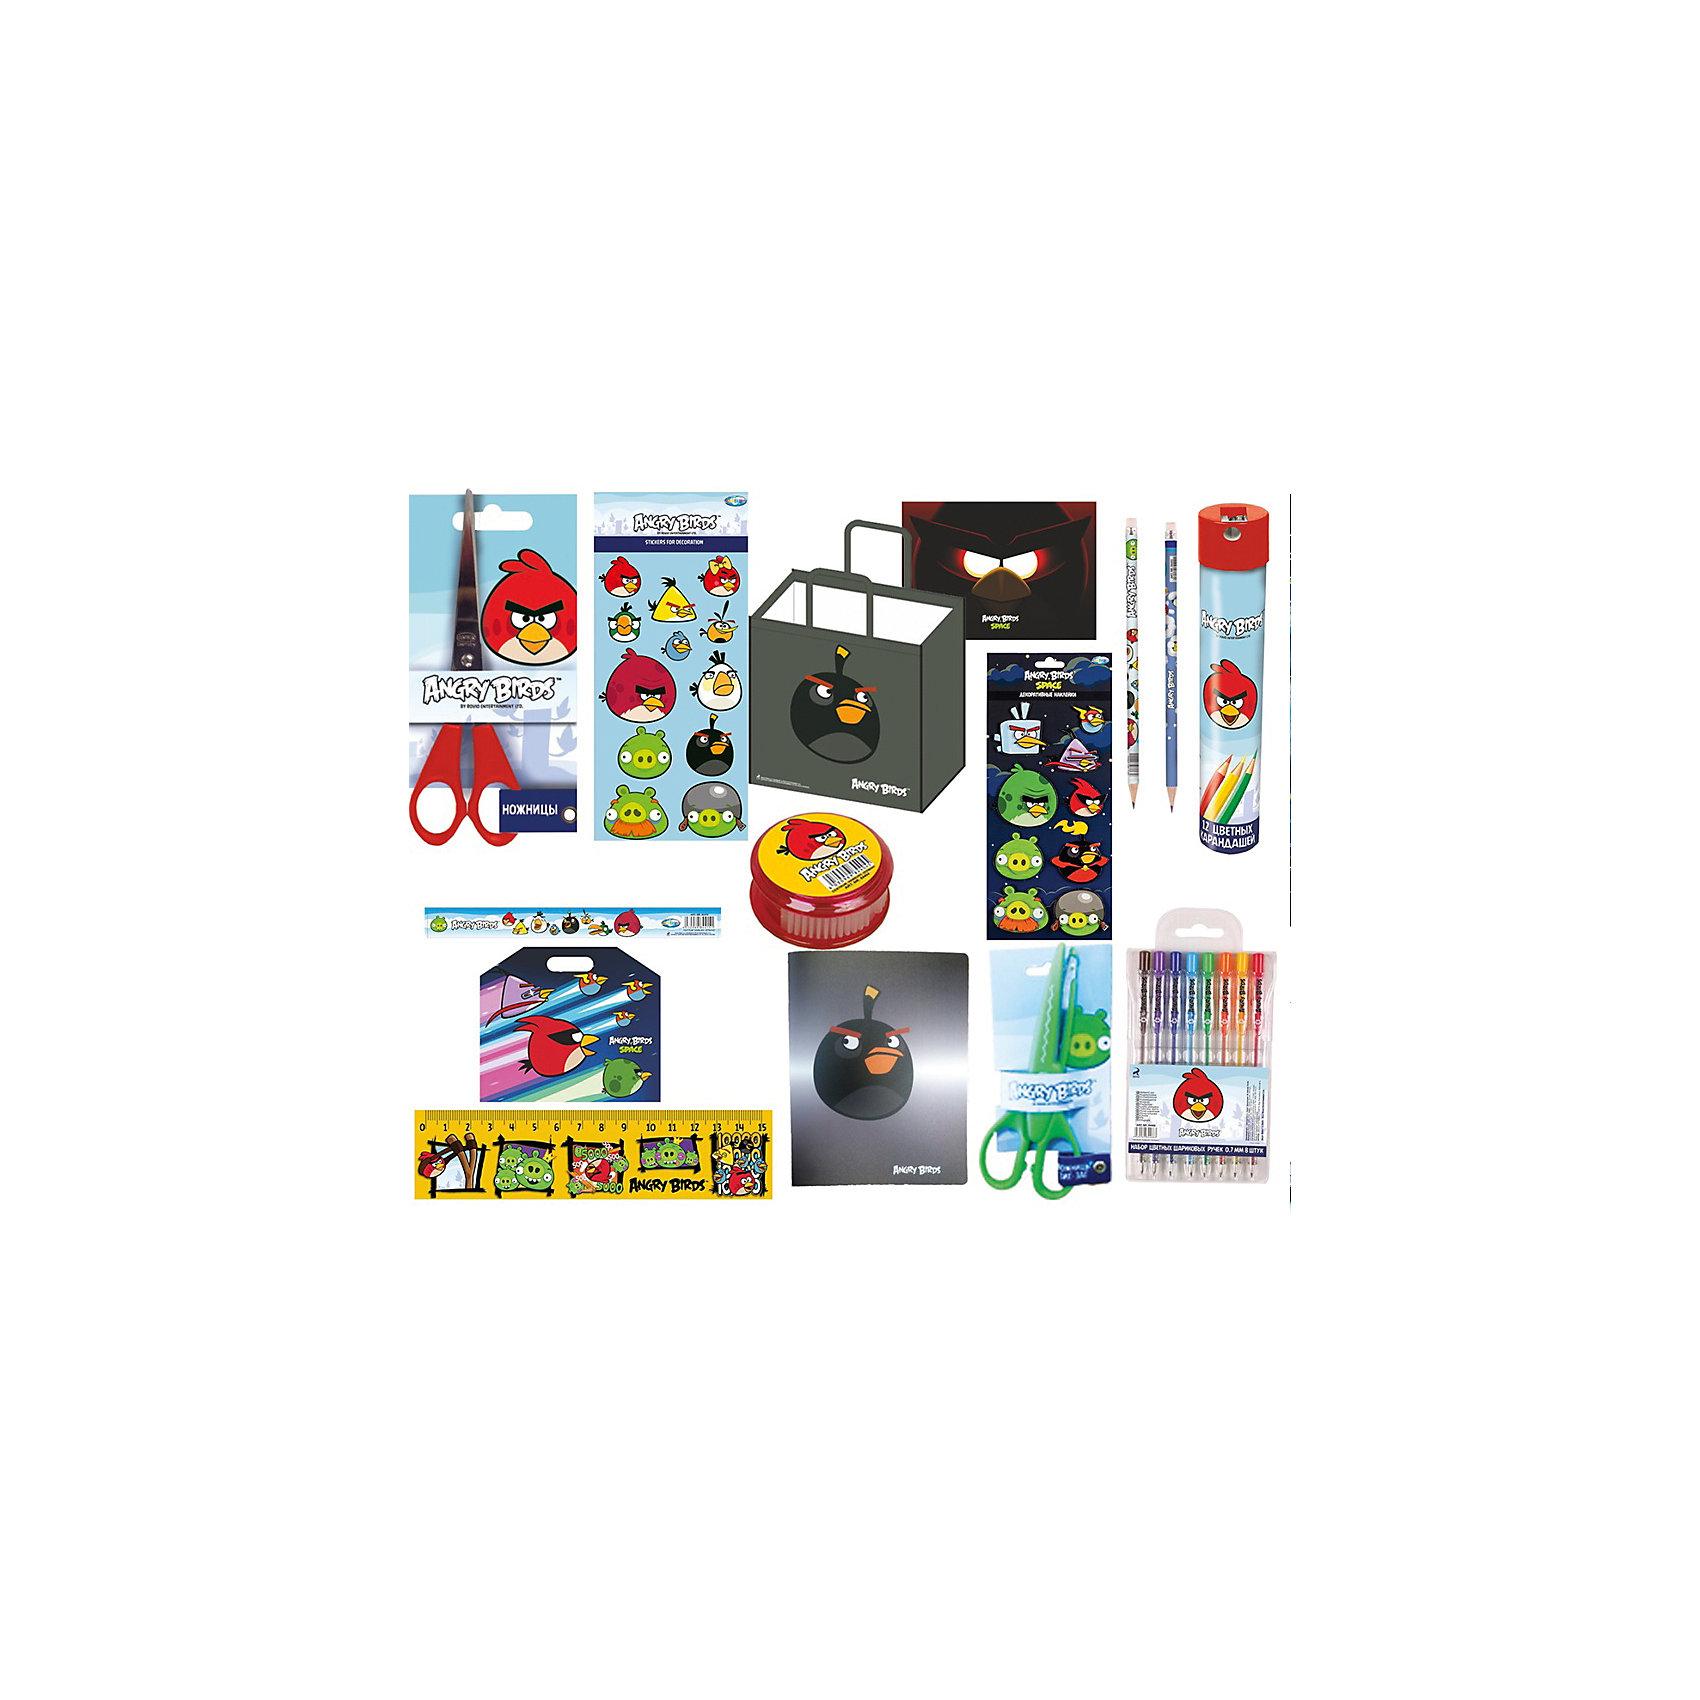 Набор школьных принадлежностей Angry BirdsВсе школьные принадлежности в одном месте! Набор Angry Birds станет лучшим подарком для вашего школьника! Яркий принт с любимыми героями порадует каждого ребенка, а функциональное наполнение поможет ему в процессе обучения. Все изделия выполнены из качественных материалов с учетом психофизиологических особенностей школьников младшего и среднего звена. В набор входит:<br>- вместительная папка-портфель с удобной ручкой <br>- картонная папка формата А4 на резинках<br>- сумка 34,5*34,5*9 см. <br>- линейка <br>- ножницы <br>- набор цветных ручек - 6 шт. <br>- набор магнитов <br>- 2 упаковки декоративных наклеек<br>- точилка<br><br>Дополнительная информация:<br>- размеры: 30х22х6 см<br>- вес: 700 гр.<br><br>Набор школьных принадлежностей Angry Birds можно купить в нашем интернет-магазине<br><br>Ширина мм: 60<br>Глубина мм: 220<br>Высота мм: 300<br>Вес г: 700<br>Возраст от месяцев: 36<br>Возраст до месяцев: 108<br>Пол: Унисекс<br>Возраст: Детский<br>SKU: 4616062